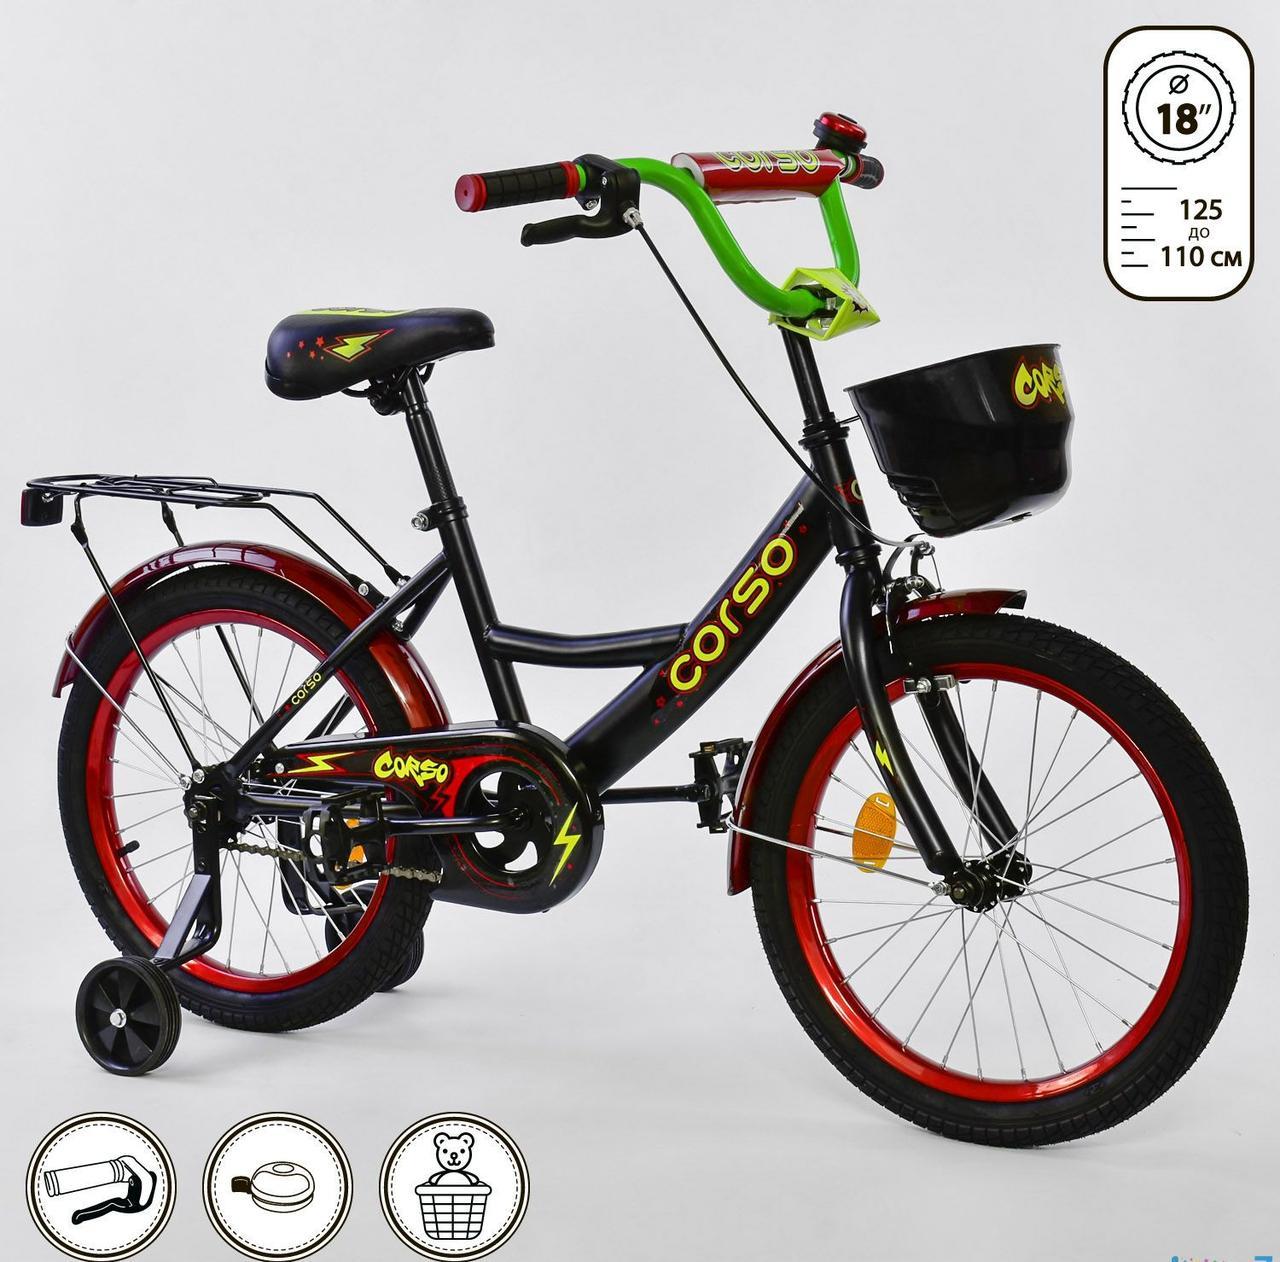 """Велосипед 18"""" дюймов 2-х колёсный G-18050 """"CORSO""""  ручной тормоз, звоночек, сидение с ручкой, доп. колеса"""